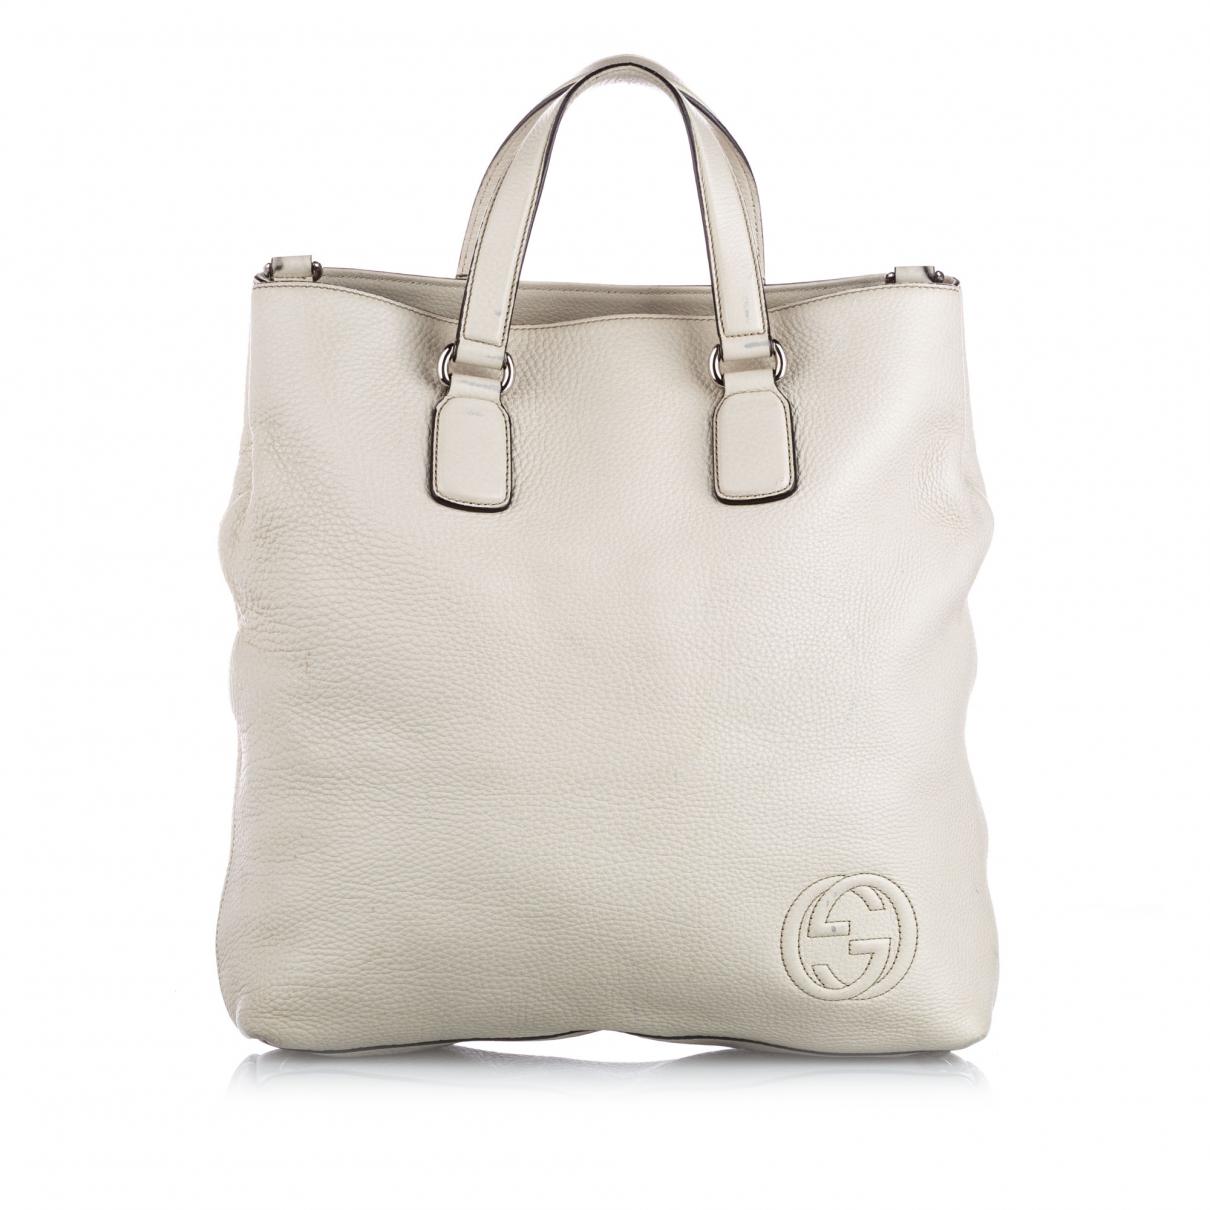 Gucci - Sac a main   pour femme en cuir - blanc